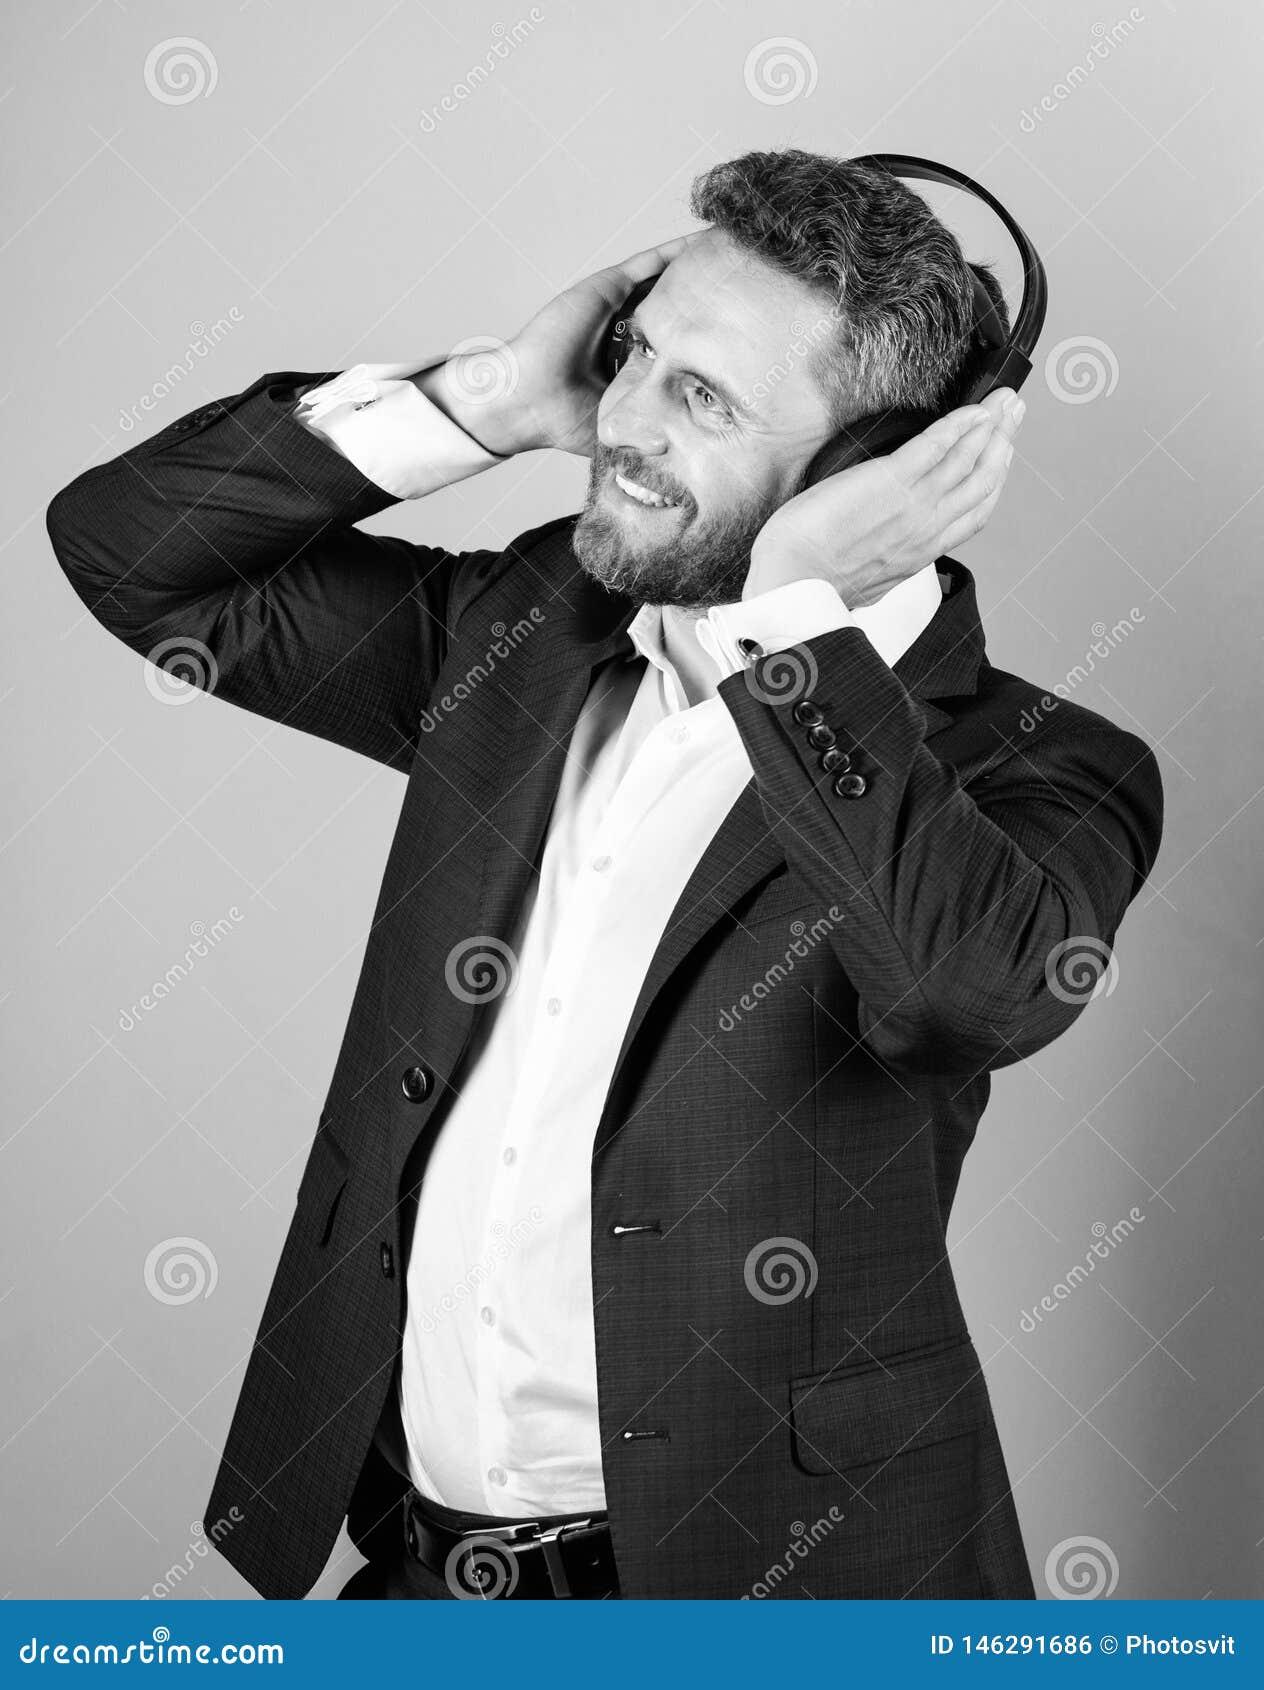 Titelliste f?r B?roarbeit Musikbruch w?hrend des Arbeitstages Gesch?ftsmann mit h?render Musik der Kopfh?rer Gesch?ftsmann